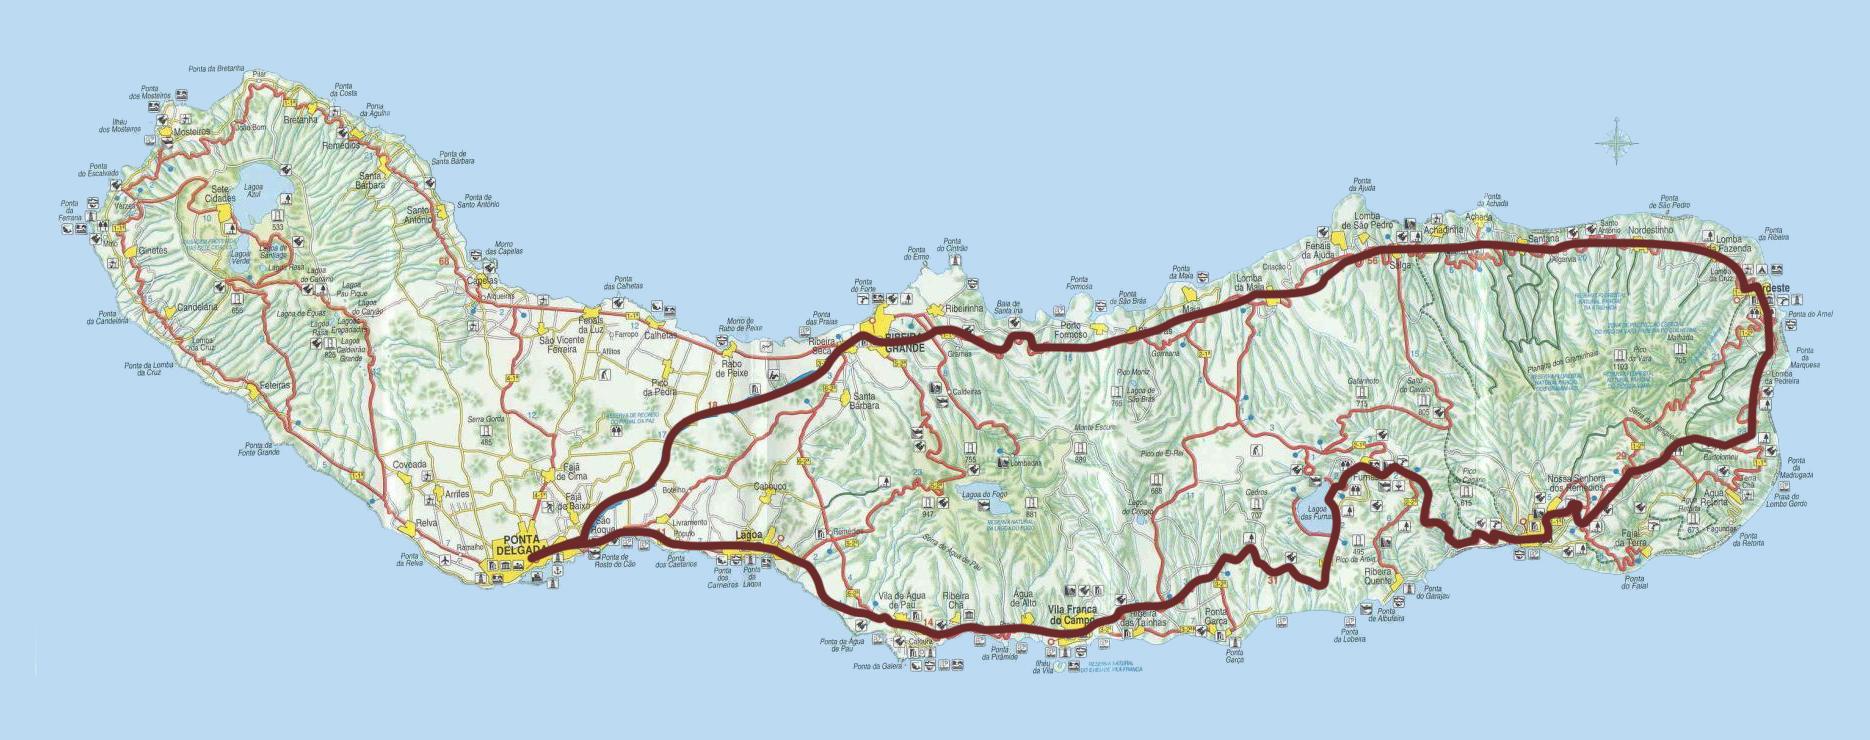 mapa-nordeste